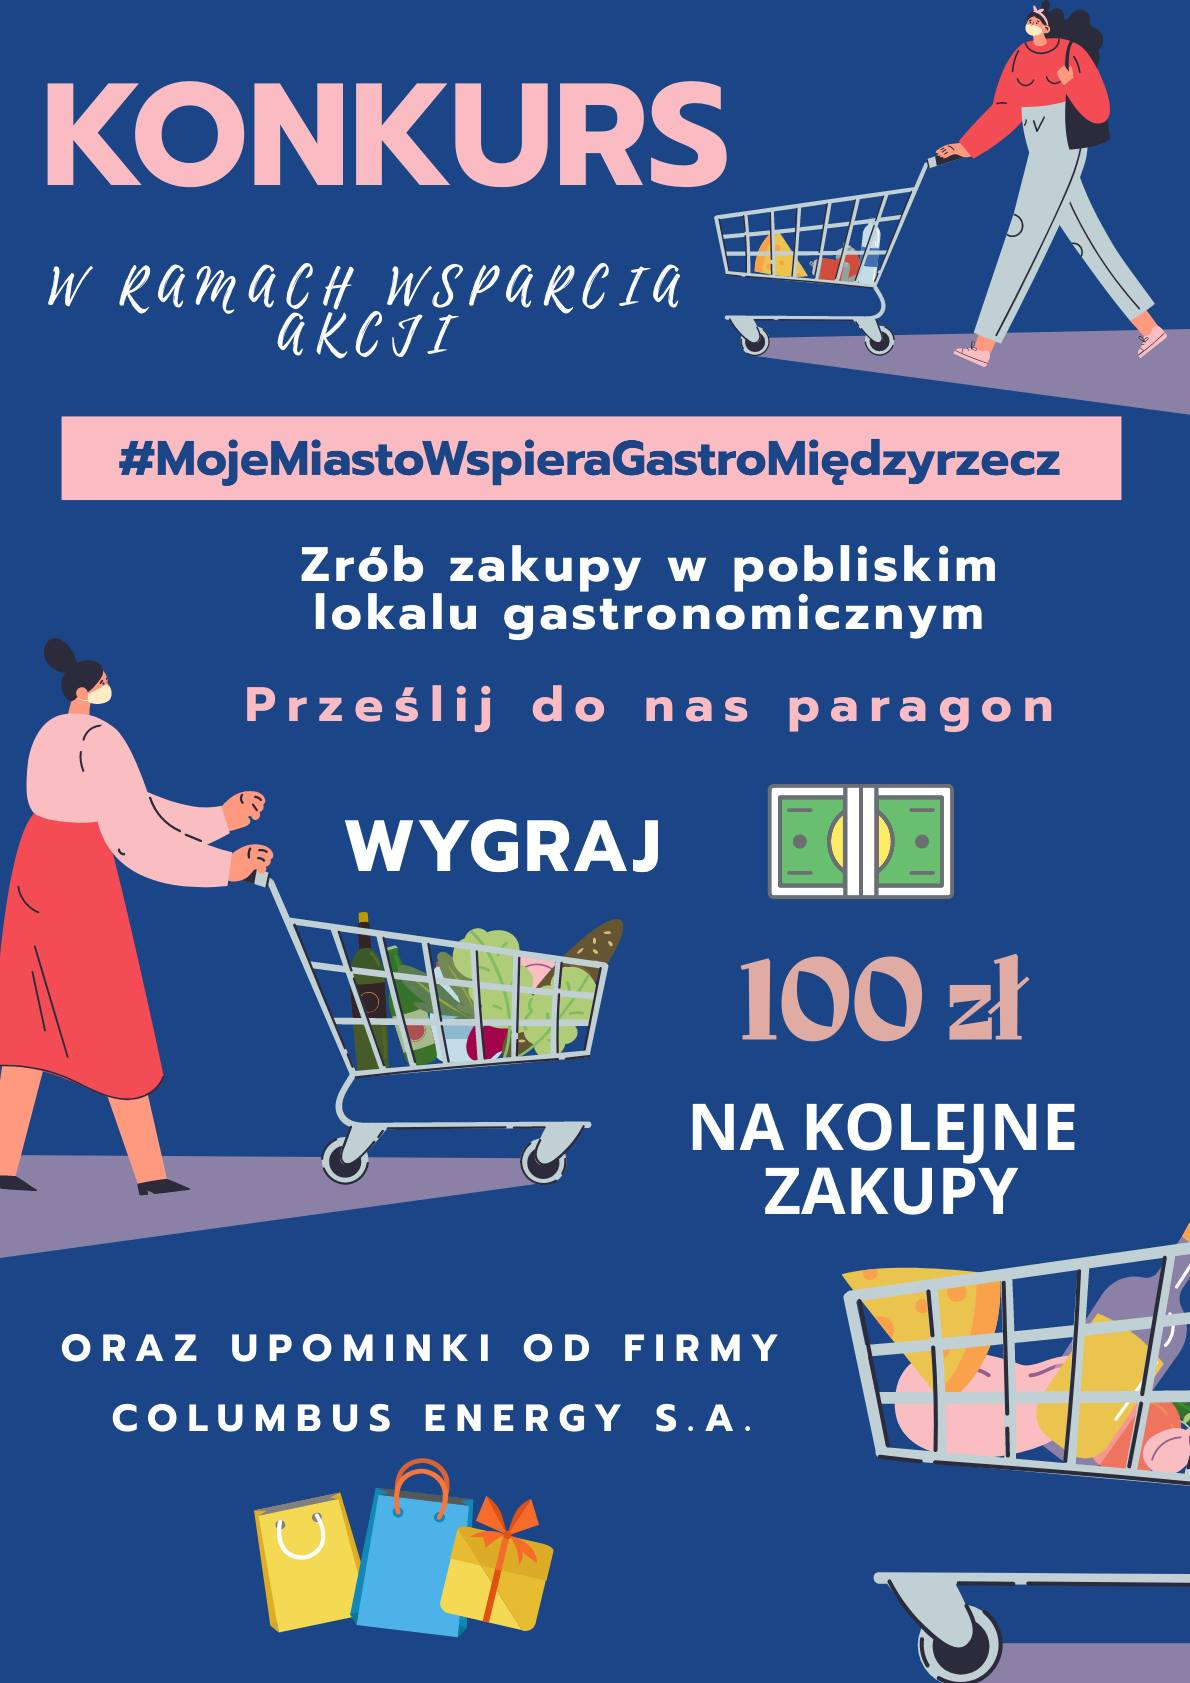 #MojeMiastoWspieraGastroMiędzyrzecz – wygraj w loterii paragonowej 100 zł na ponowne zakupy w lokalu gastronomicznym